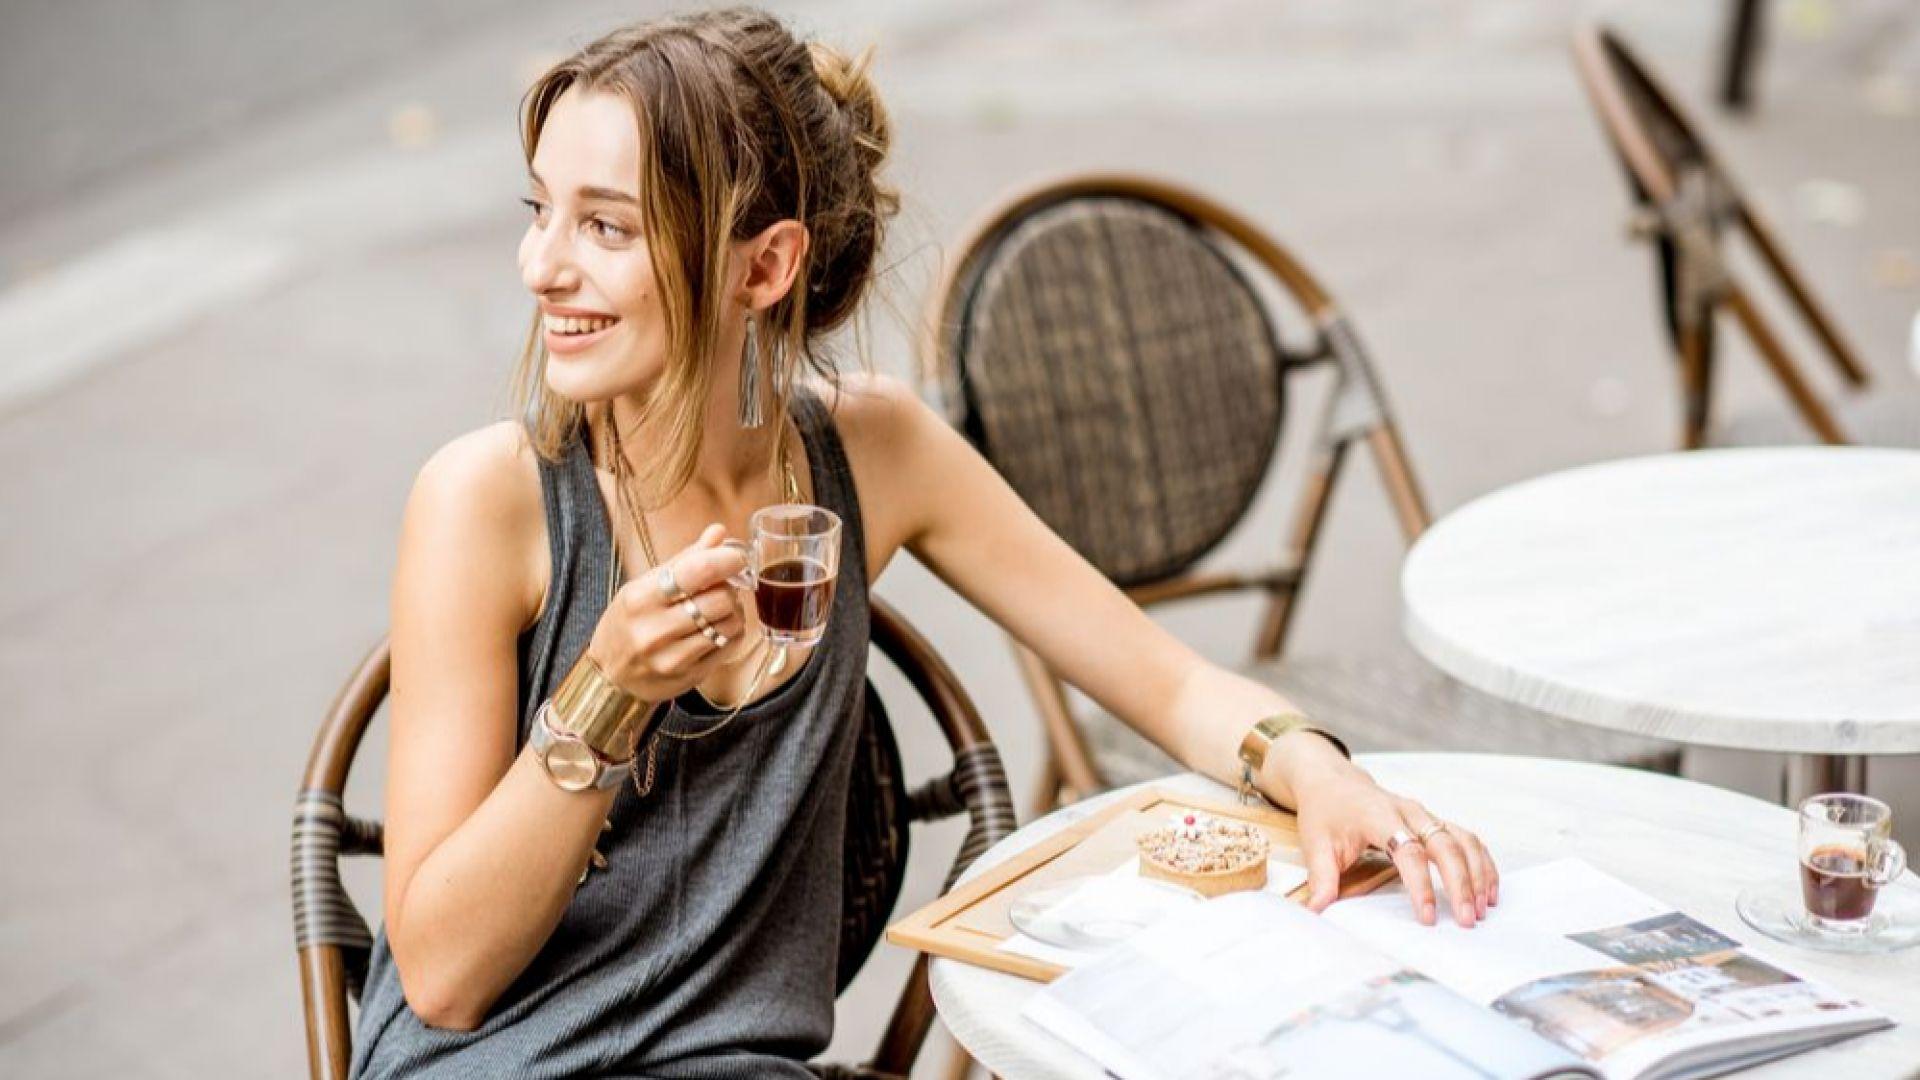 5 правила за хранене: Как го правят французойките